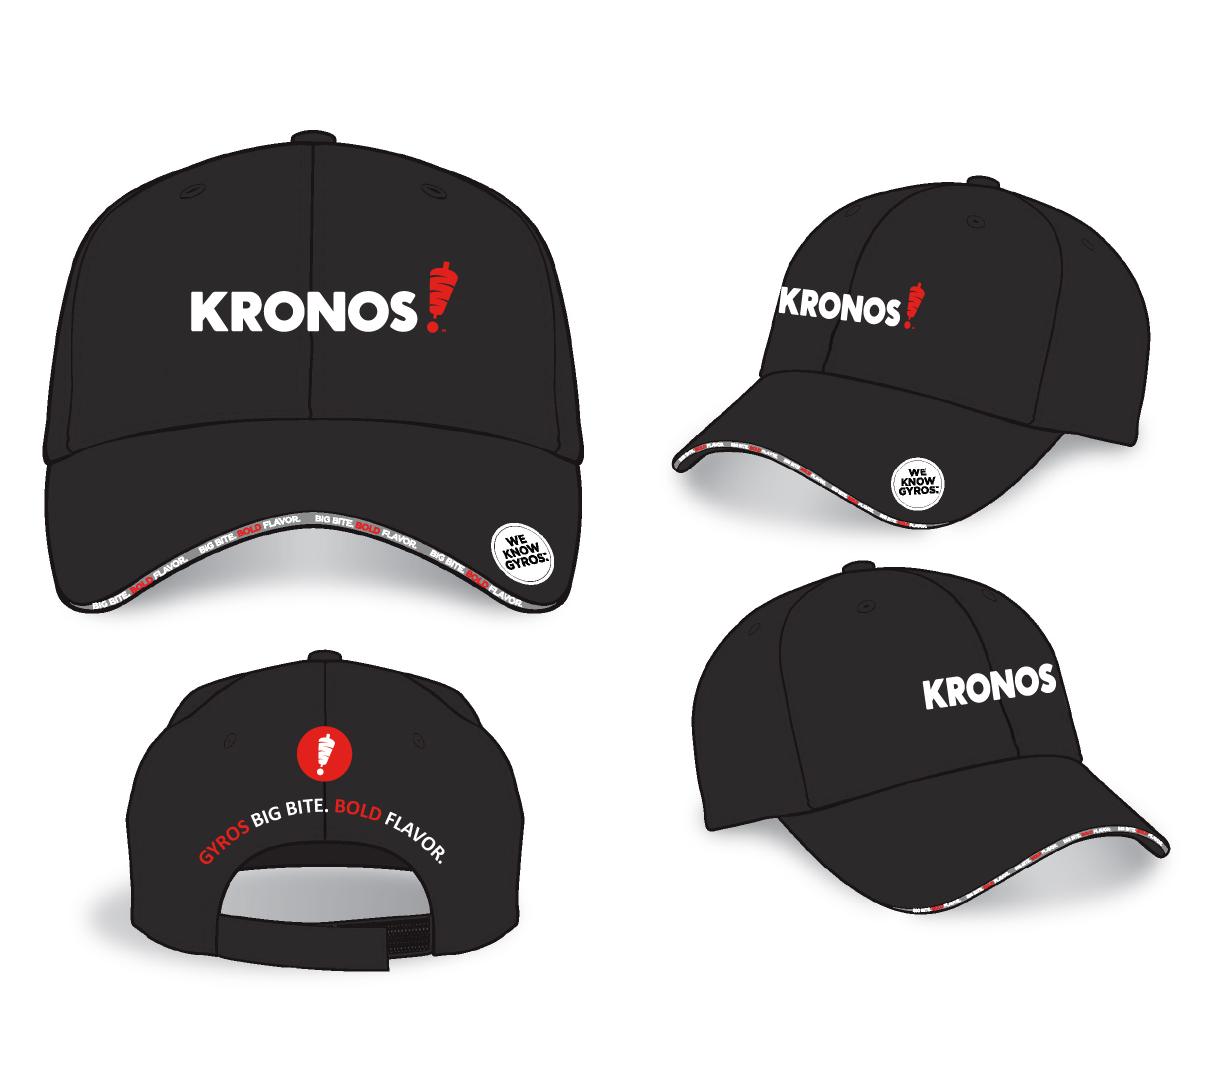 Kronos 2019 (3)